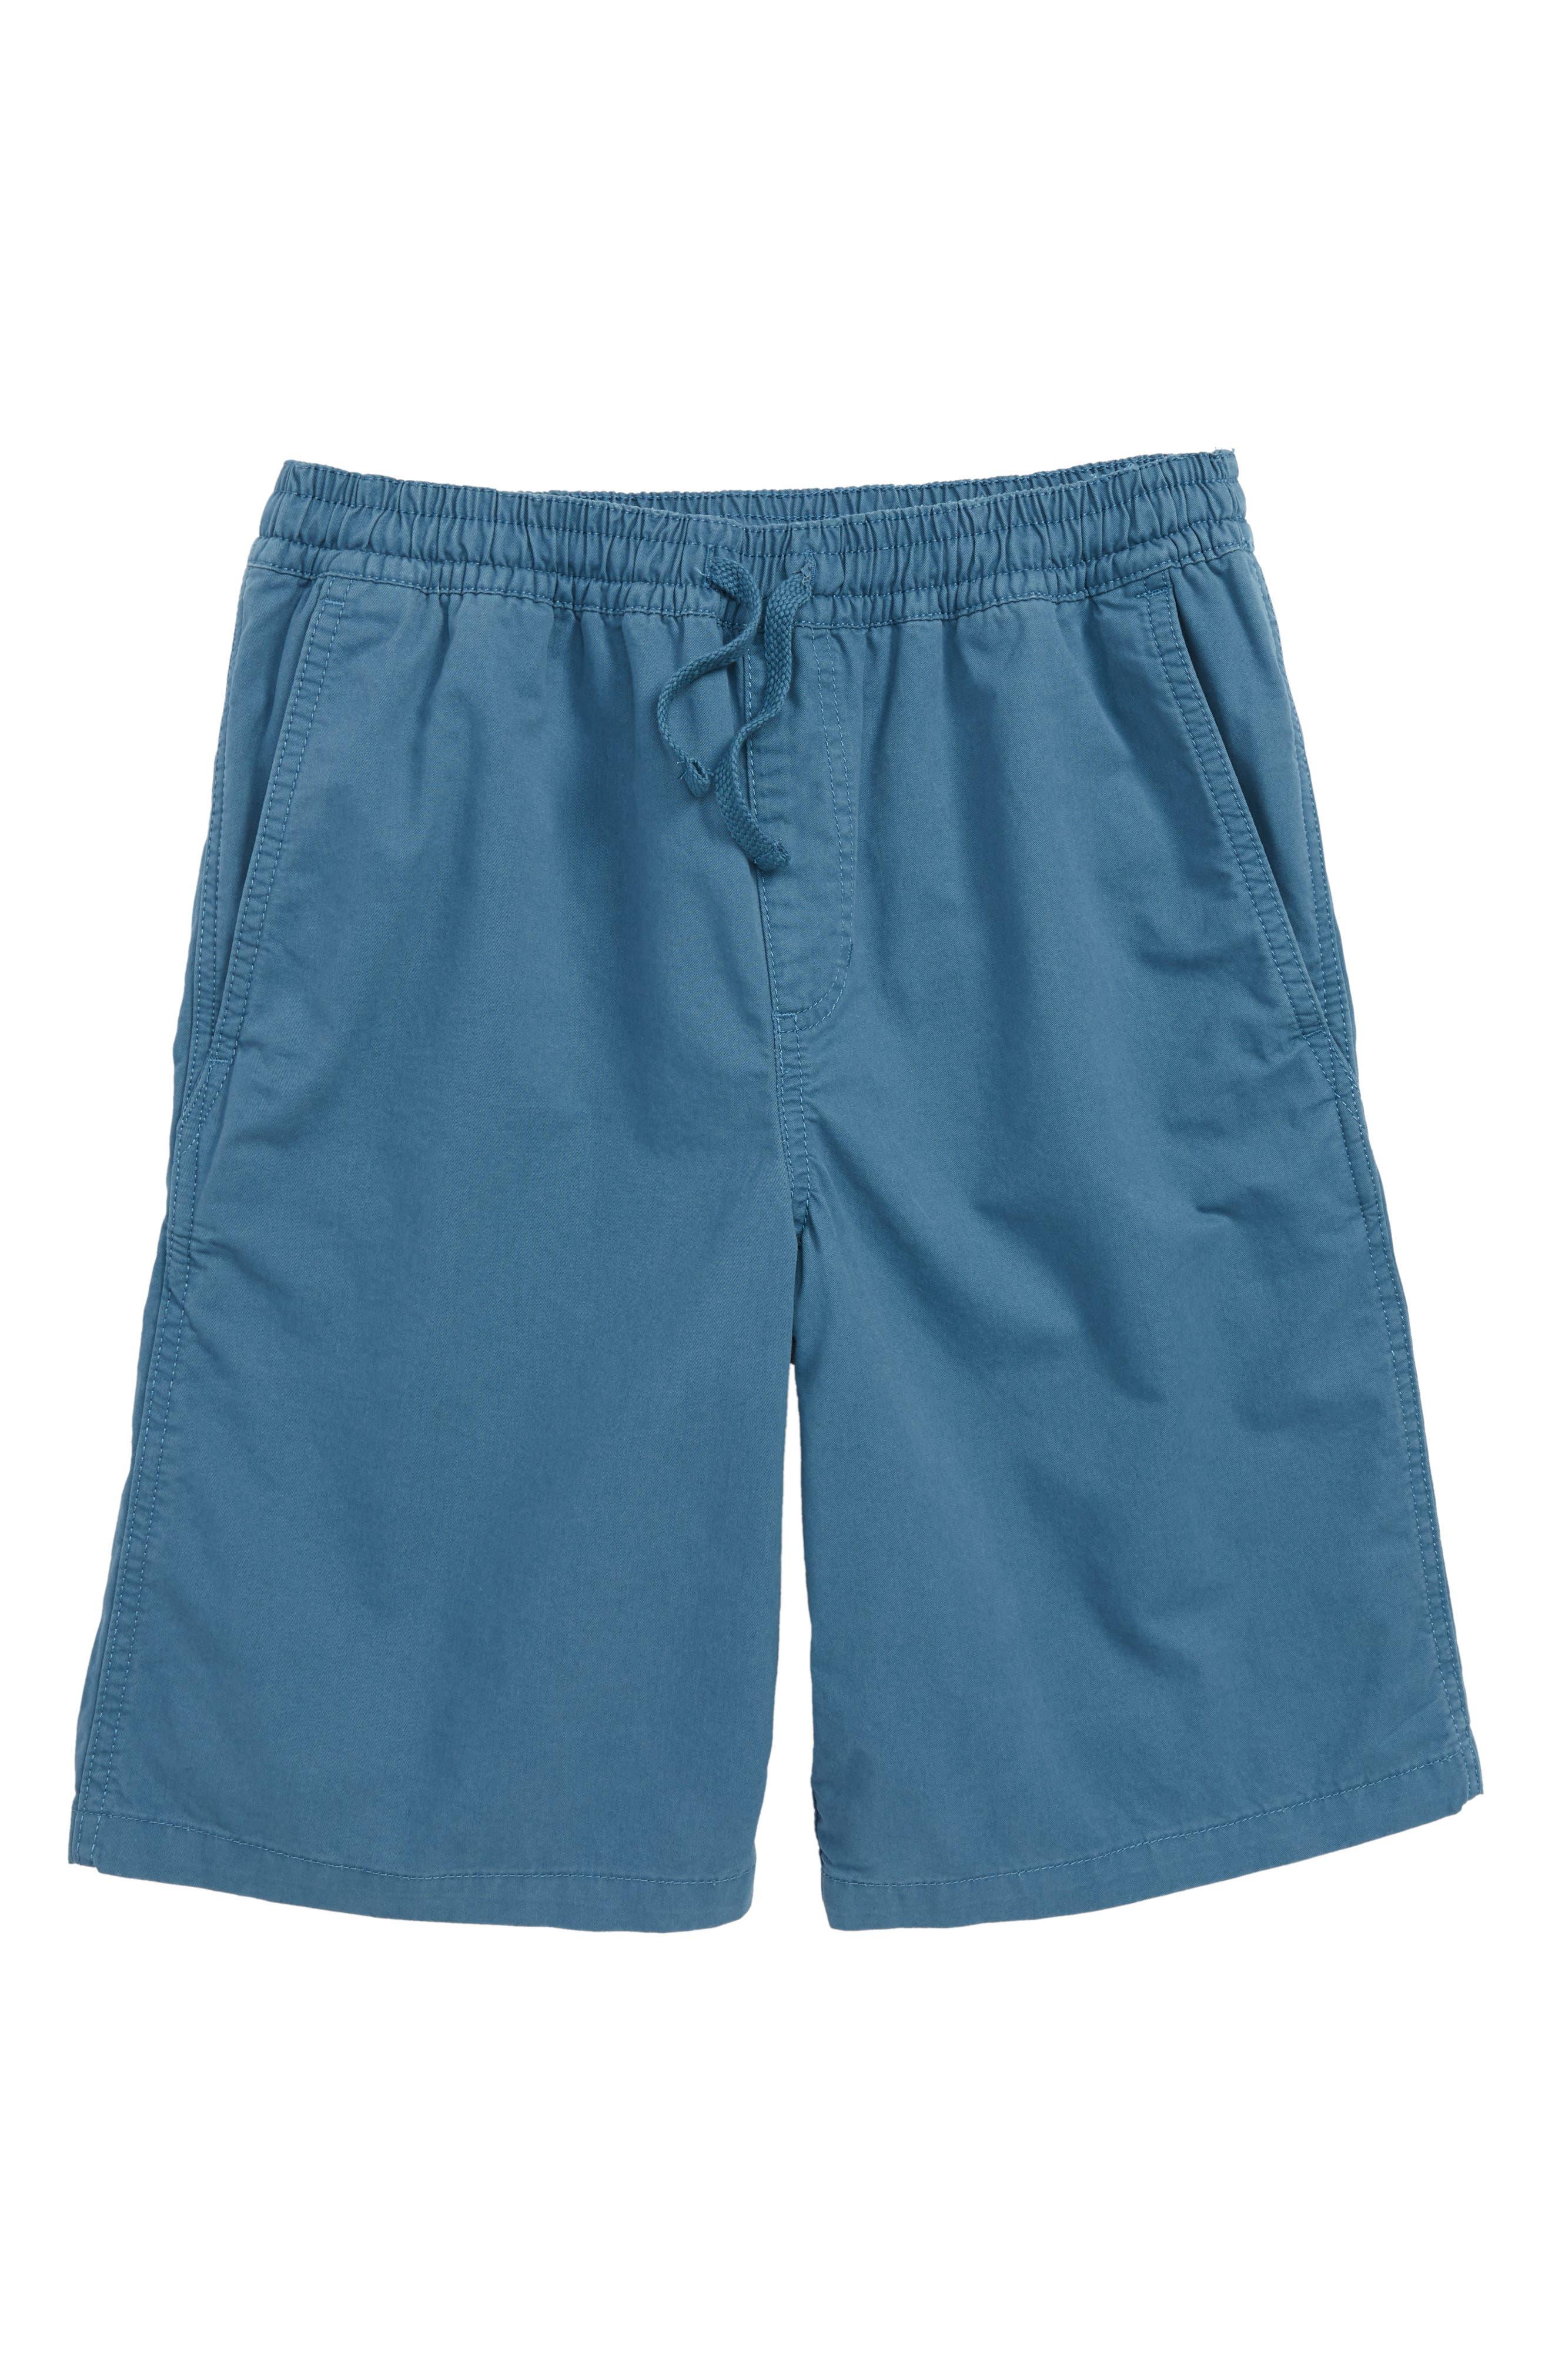 Range Shorts,                             Main thumbnail 1, color,                             Real Teal